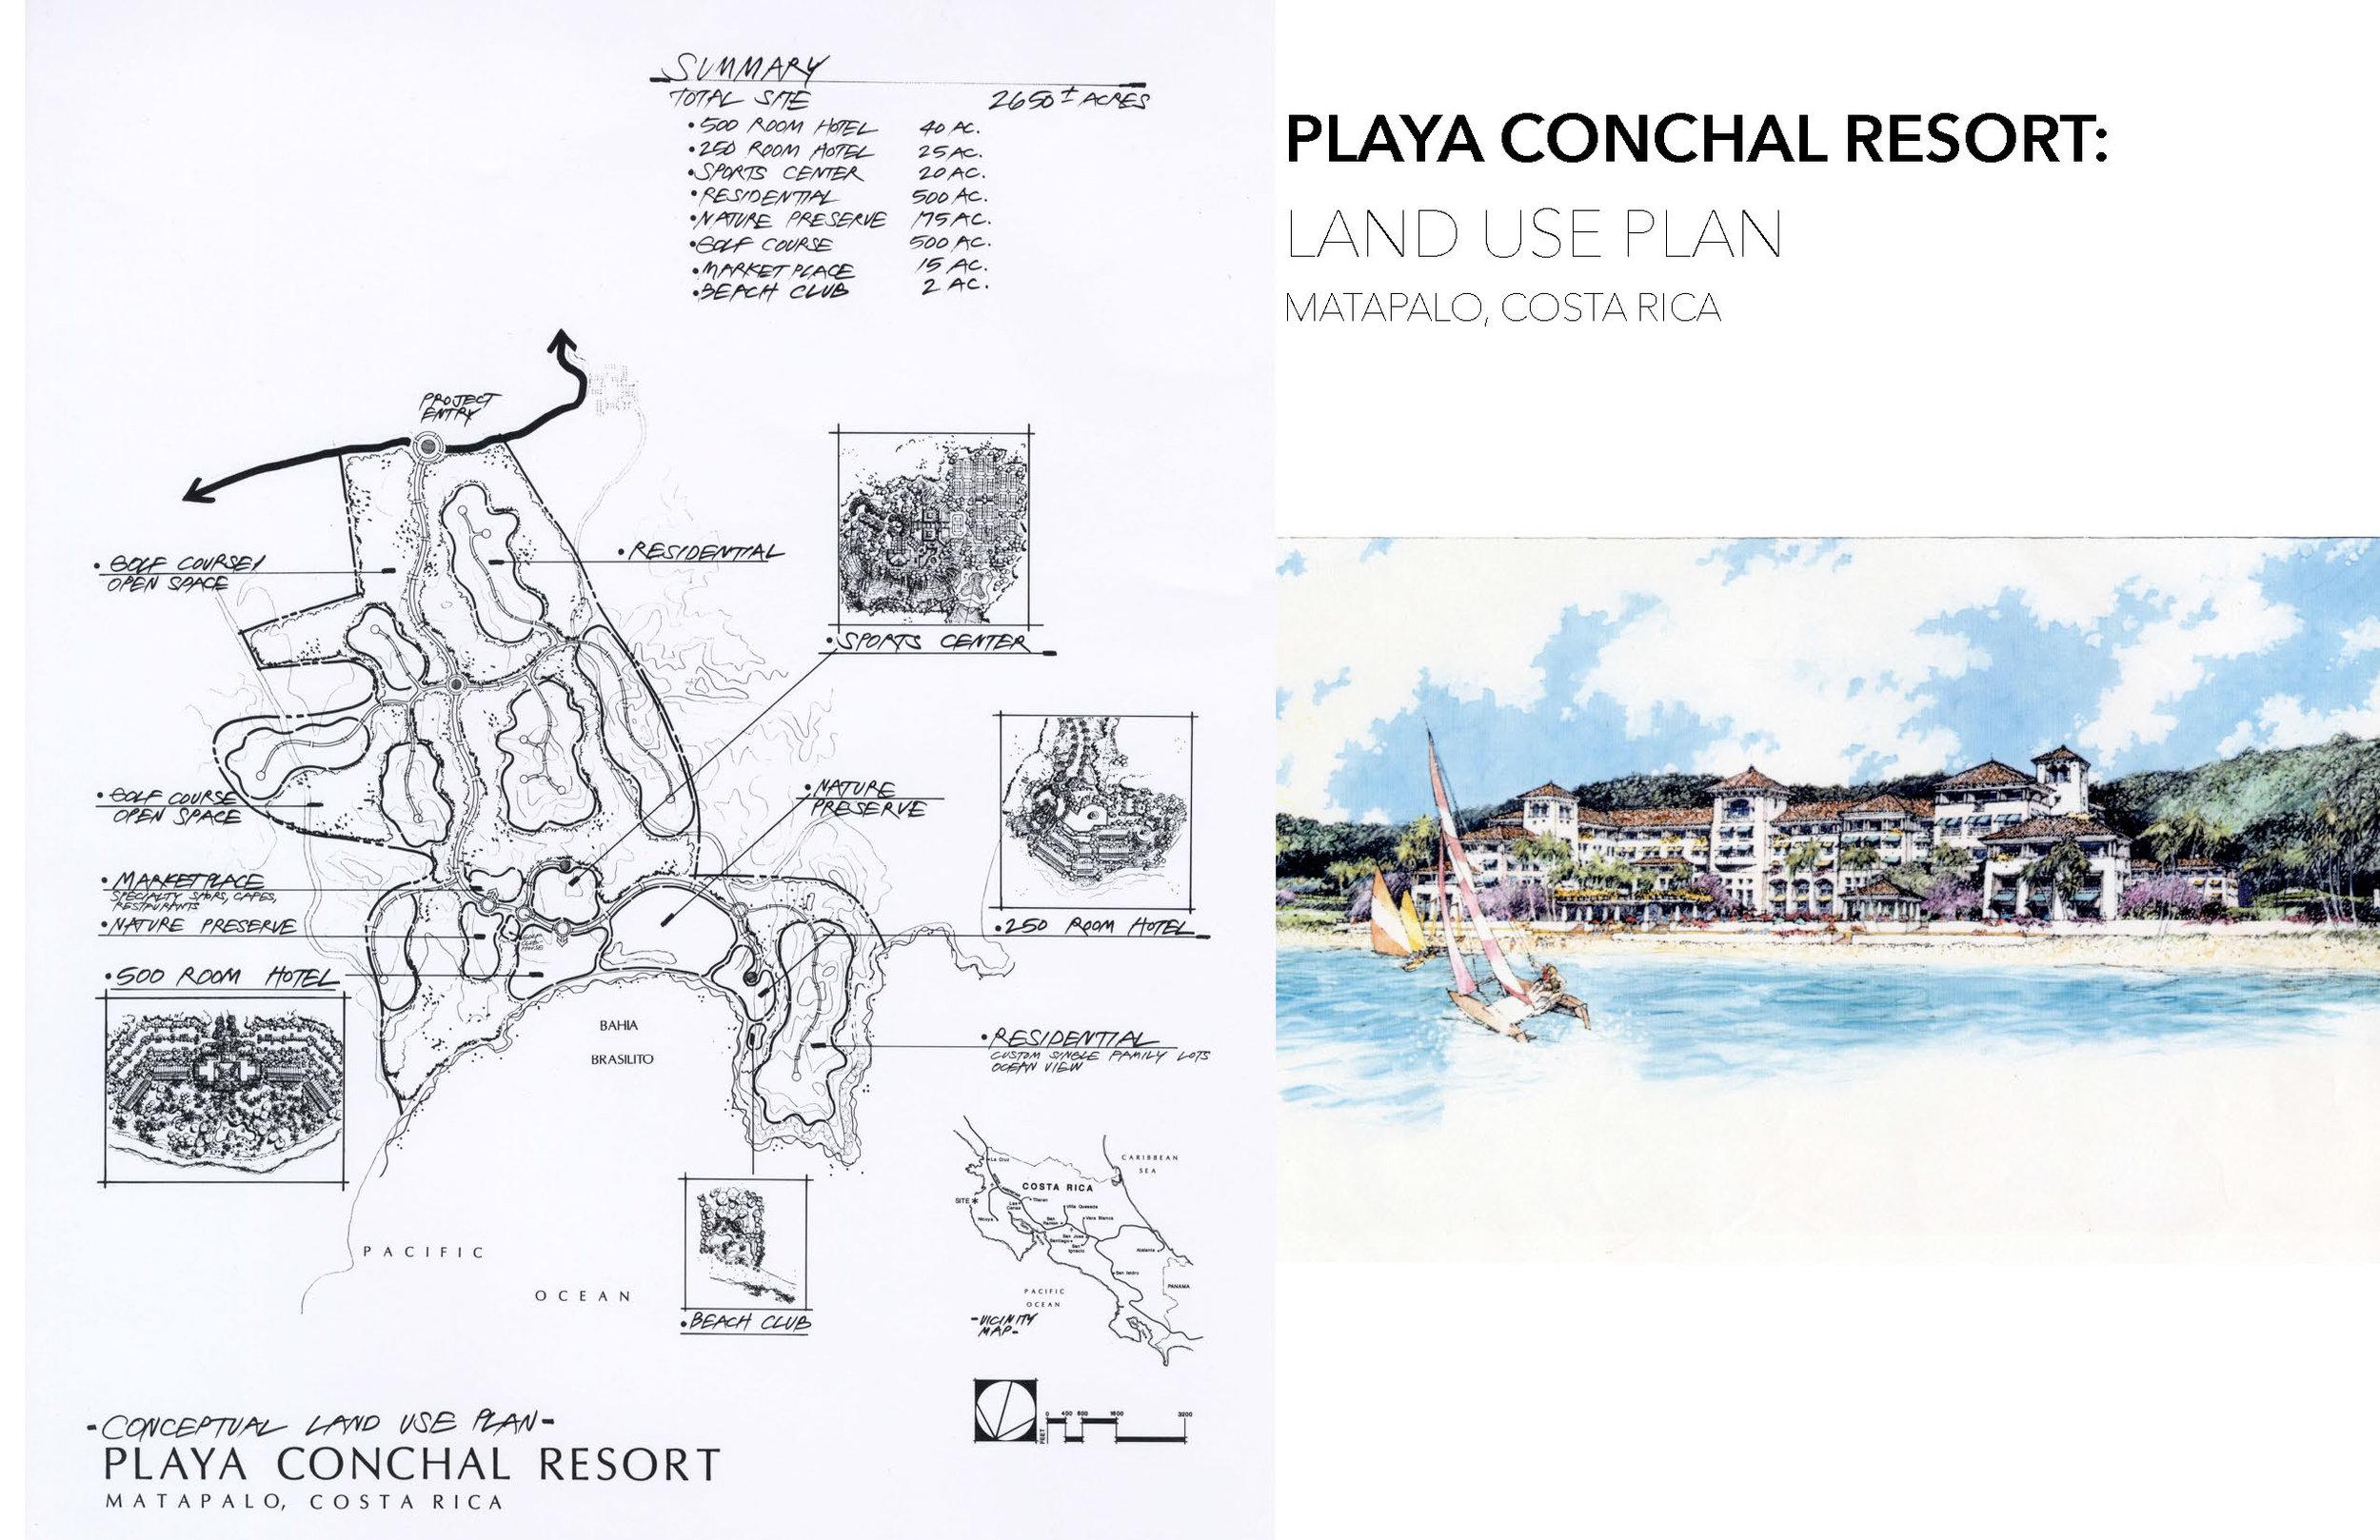 Playa Conchal Resort Master Plan.jpg